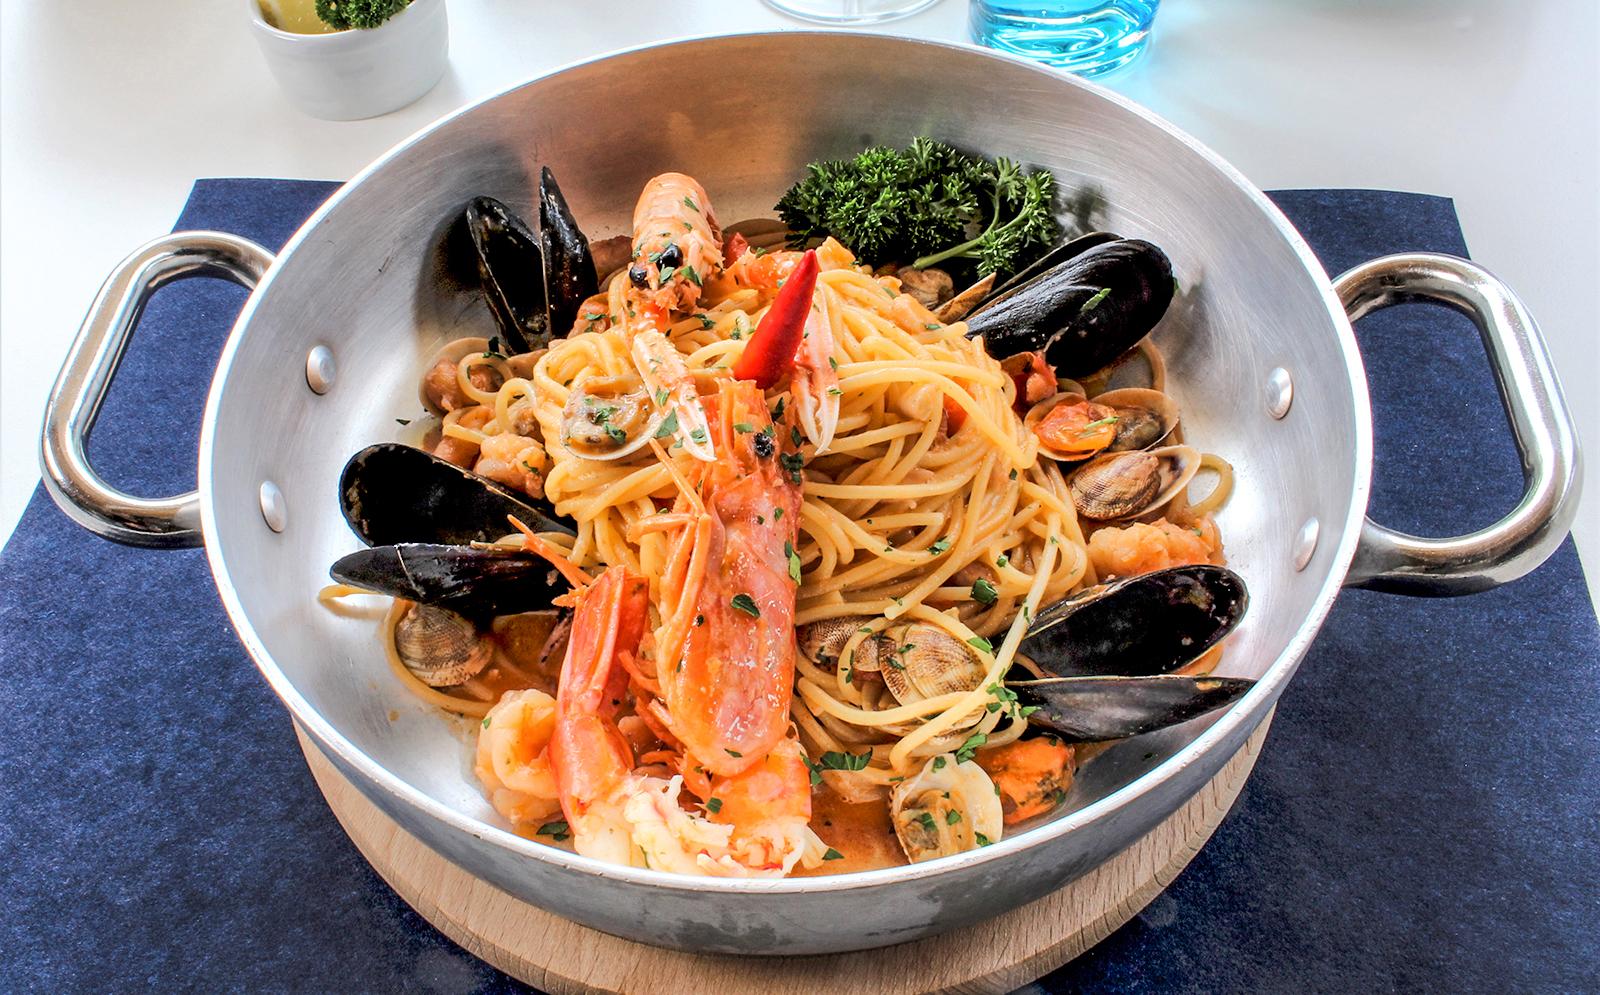 3-Pasta-specialty-fish-scogliera-Ristorante-dei-Fiori